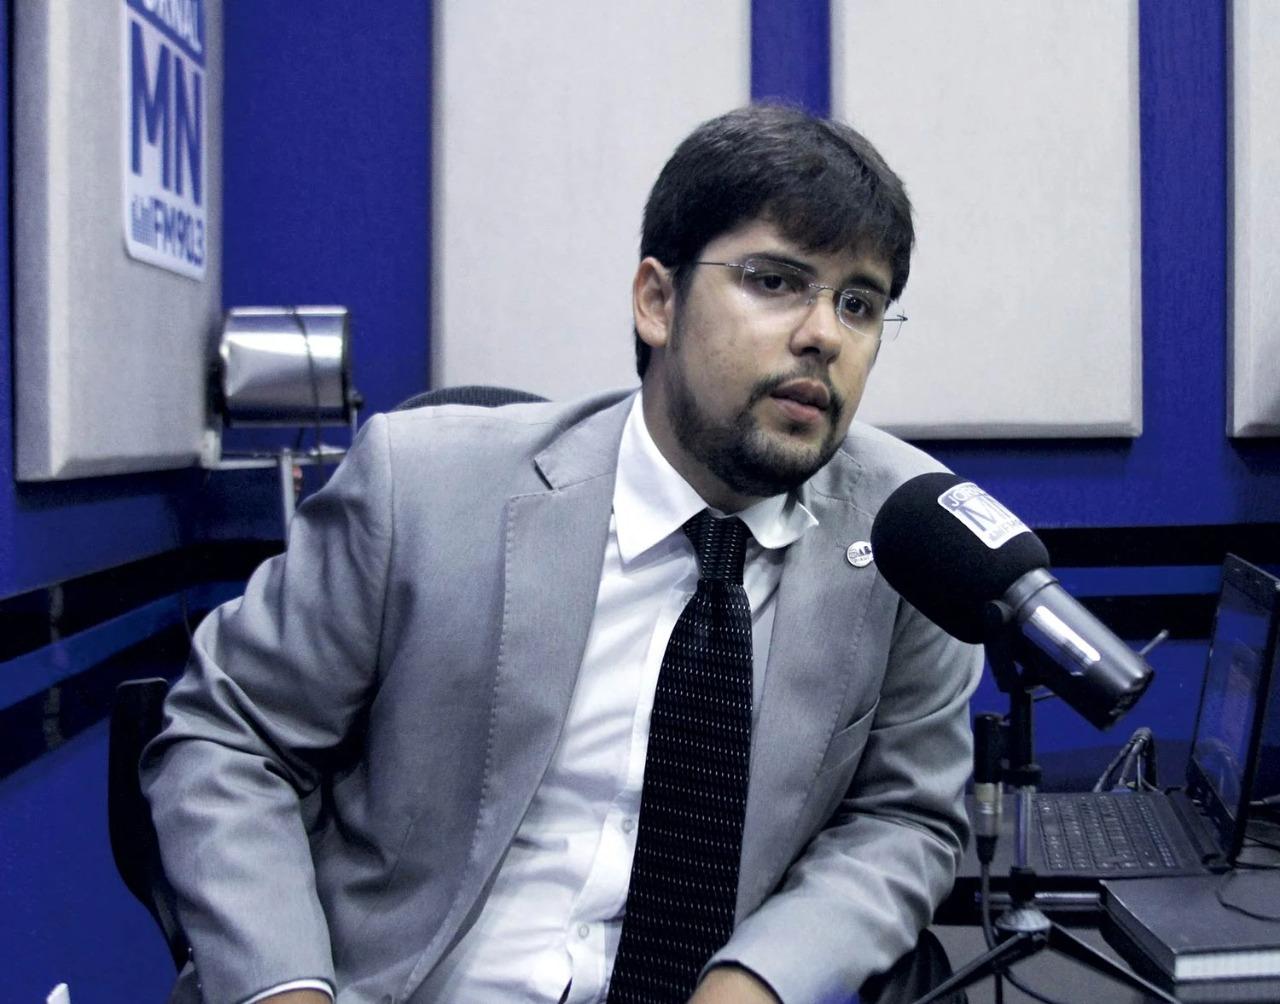 Mariano Cerqueira (Foto - Jornal Meio Norte/ Arquivo)